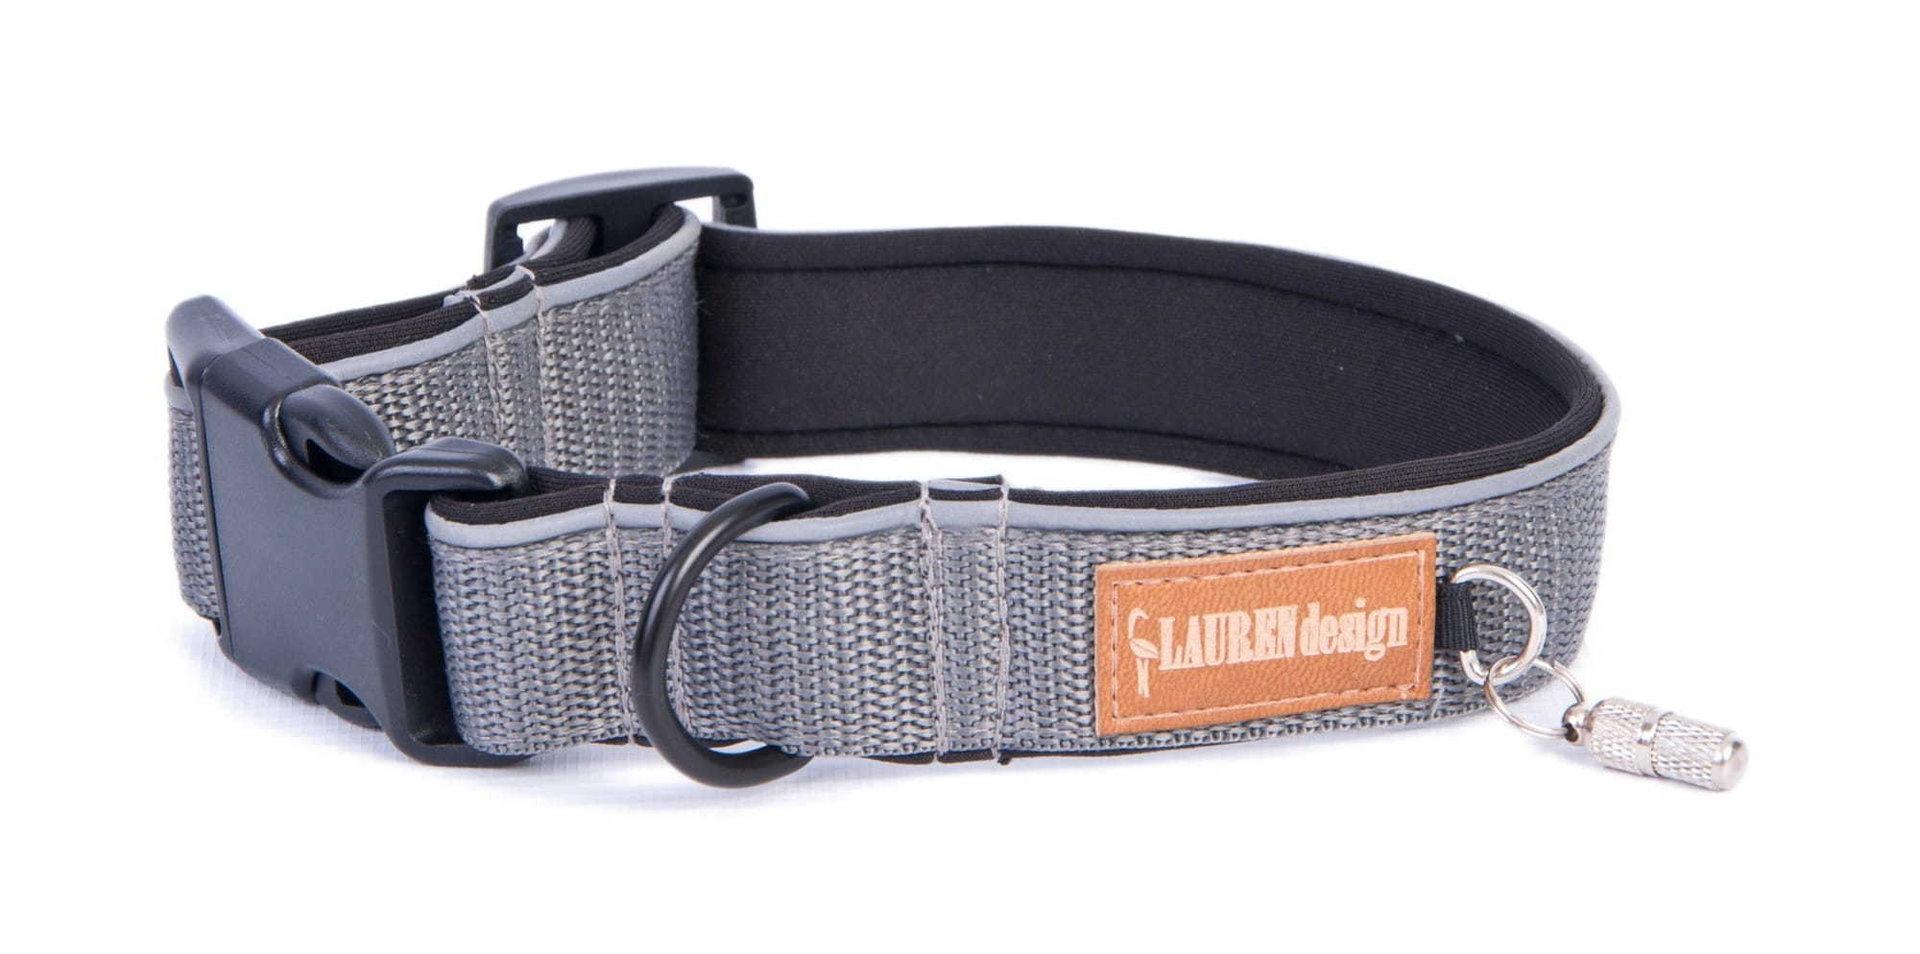 Halsband, grau, S - XL